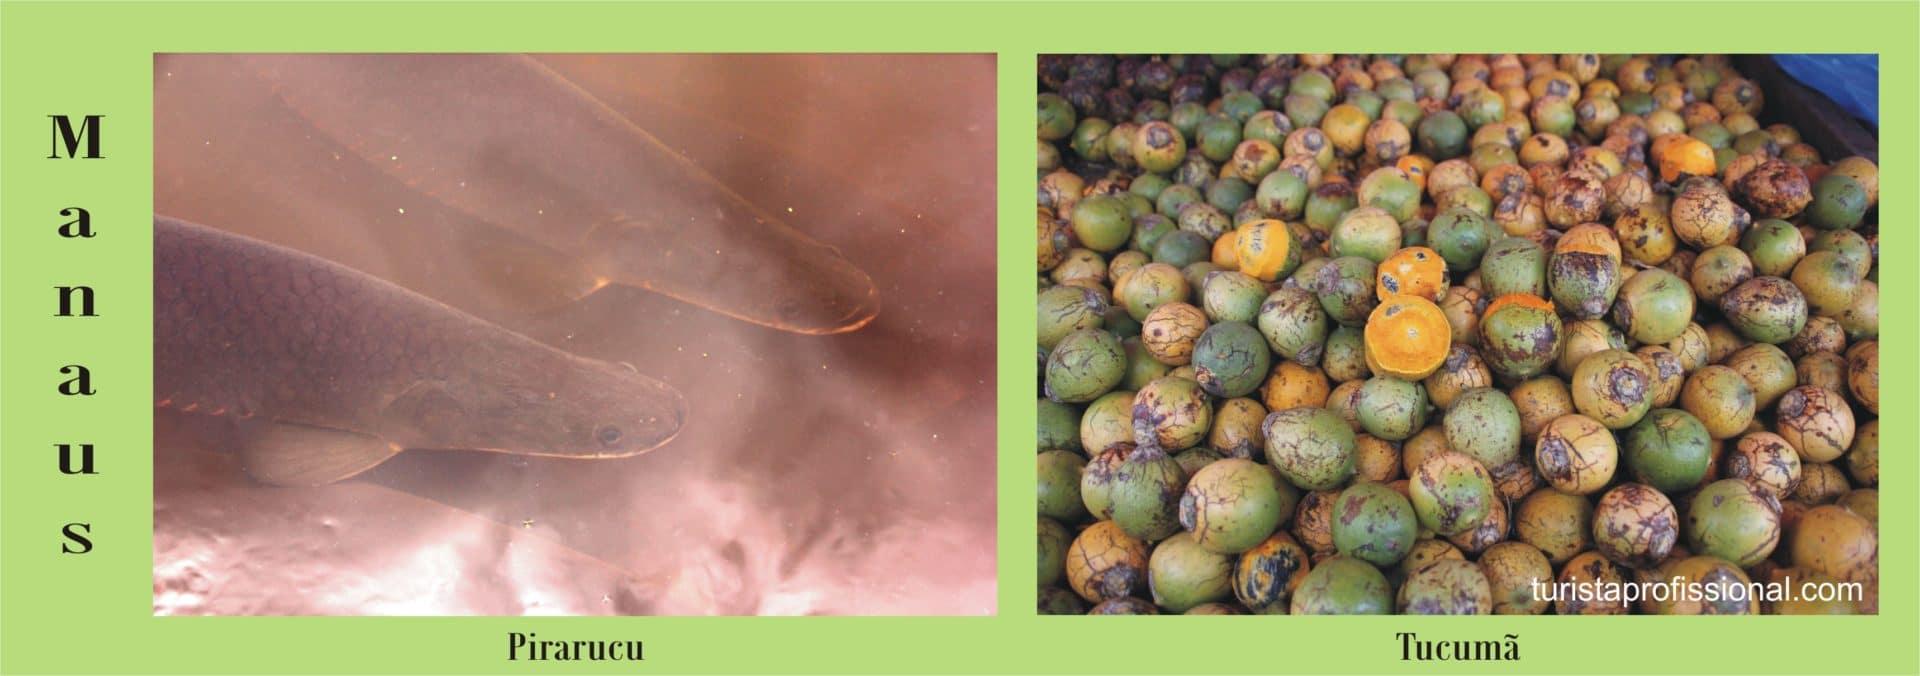 MAnaus - Pirarucu e tucumã